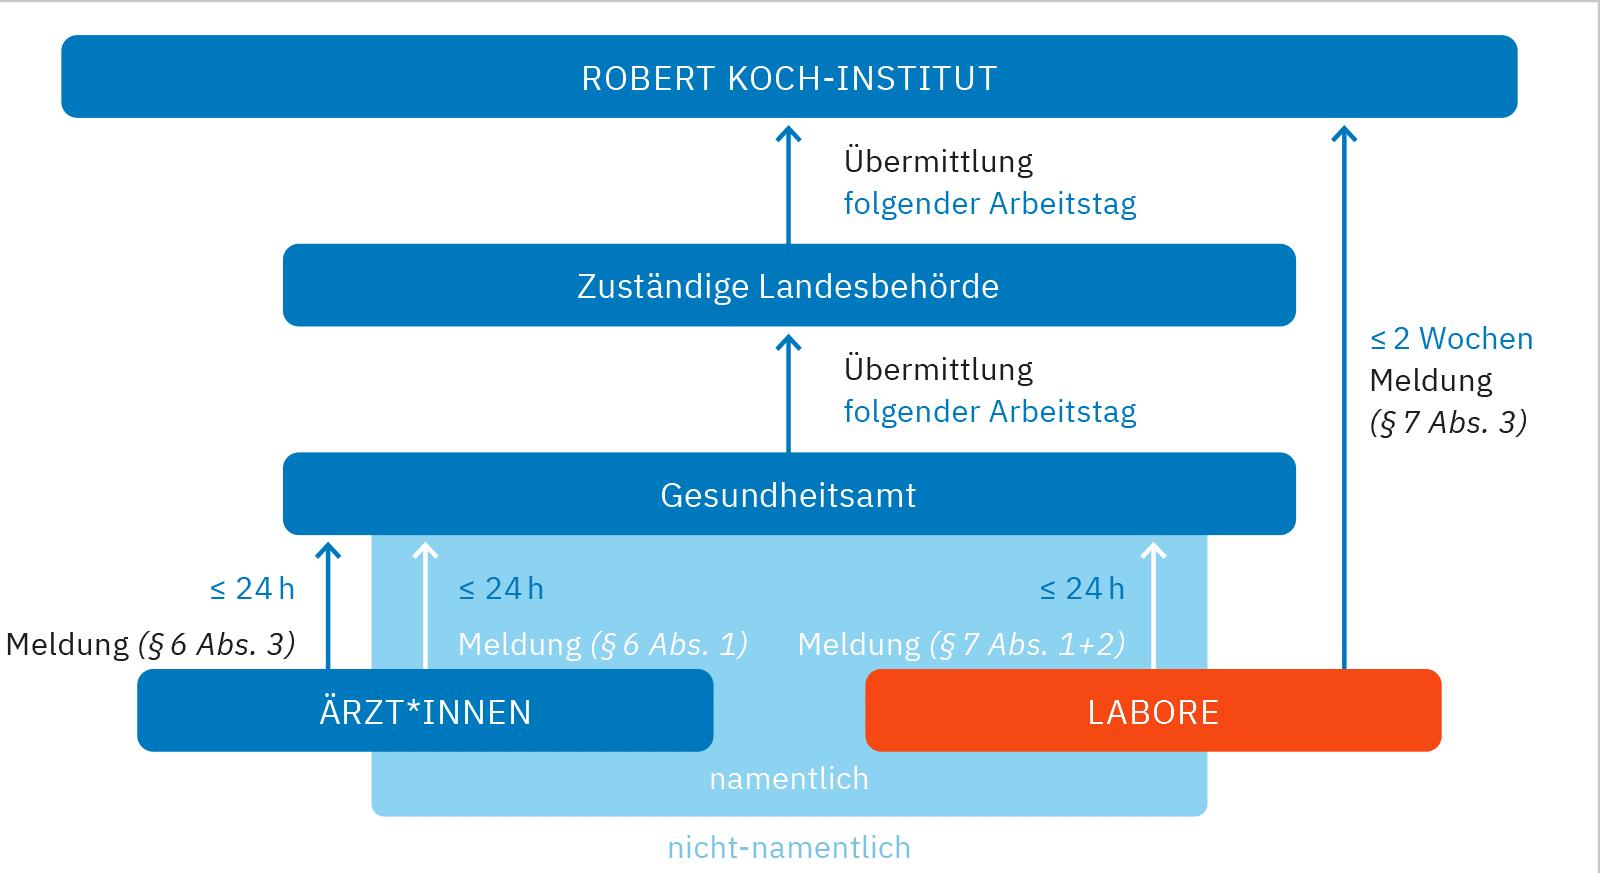 Abbildung 1: Melde- und Übermittlungsweg gemäß Infektionsschutzgesetz (Quelle: Robert Koch-Institut, Infektionsepidemiologisches Jahrbuch 2018)